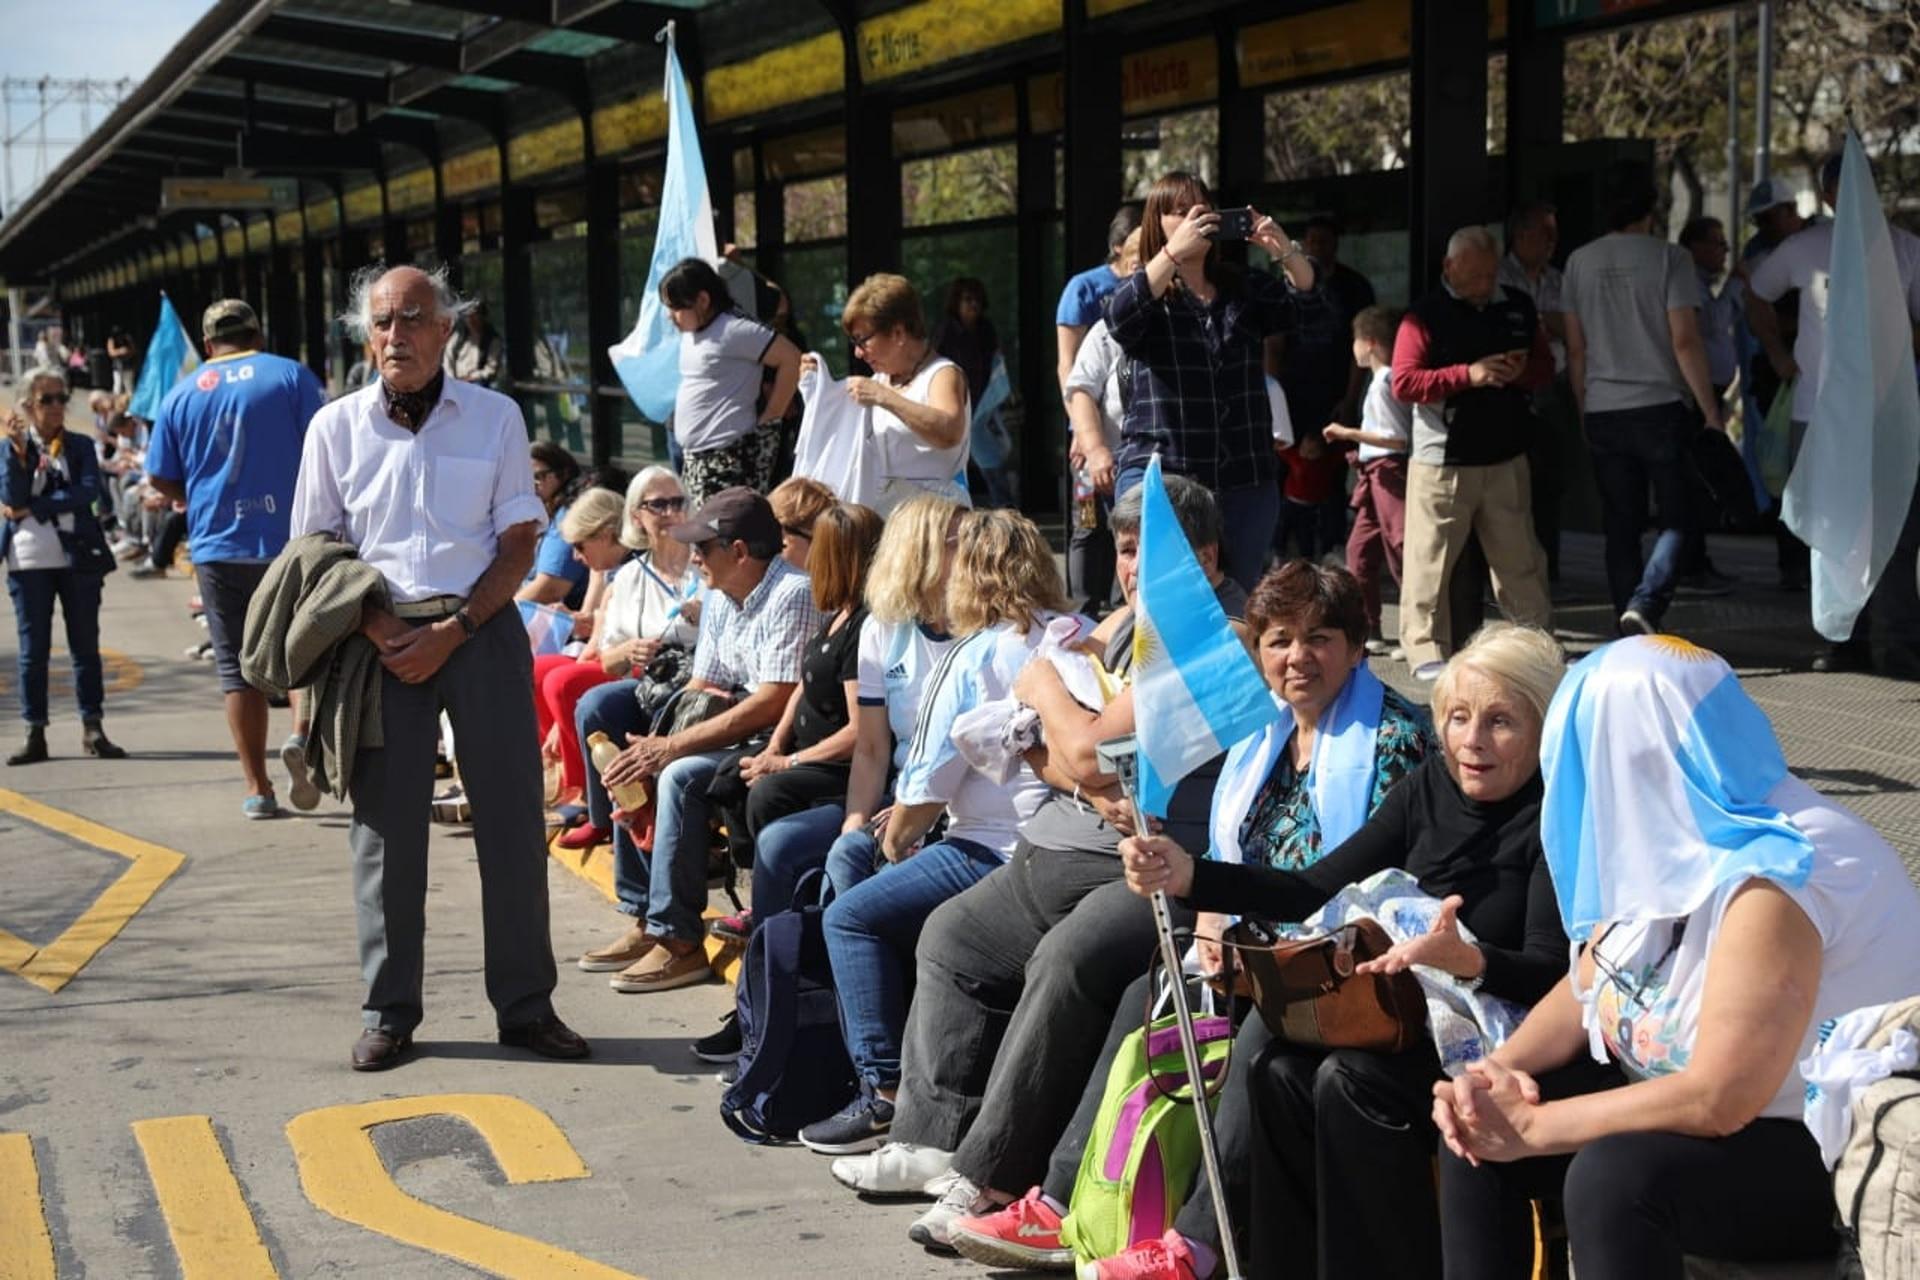 La gente espera para el discurso en las estaciones de Metrobus